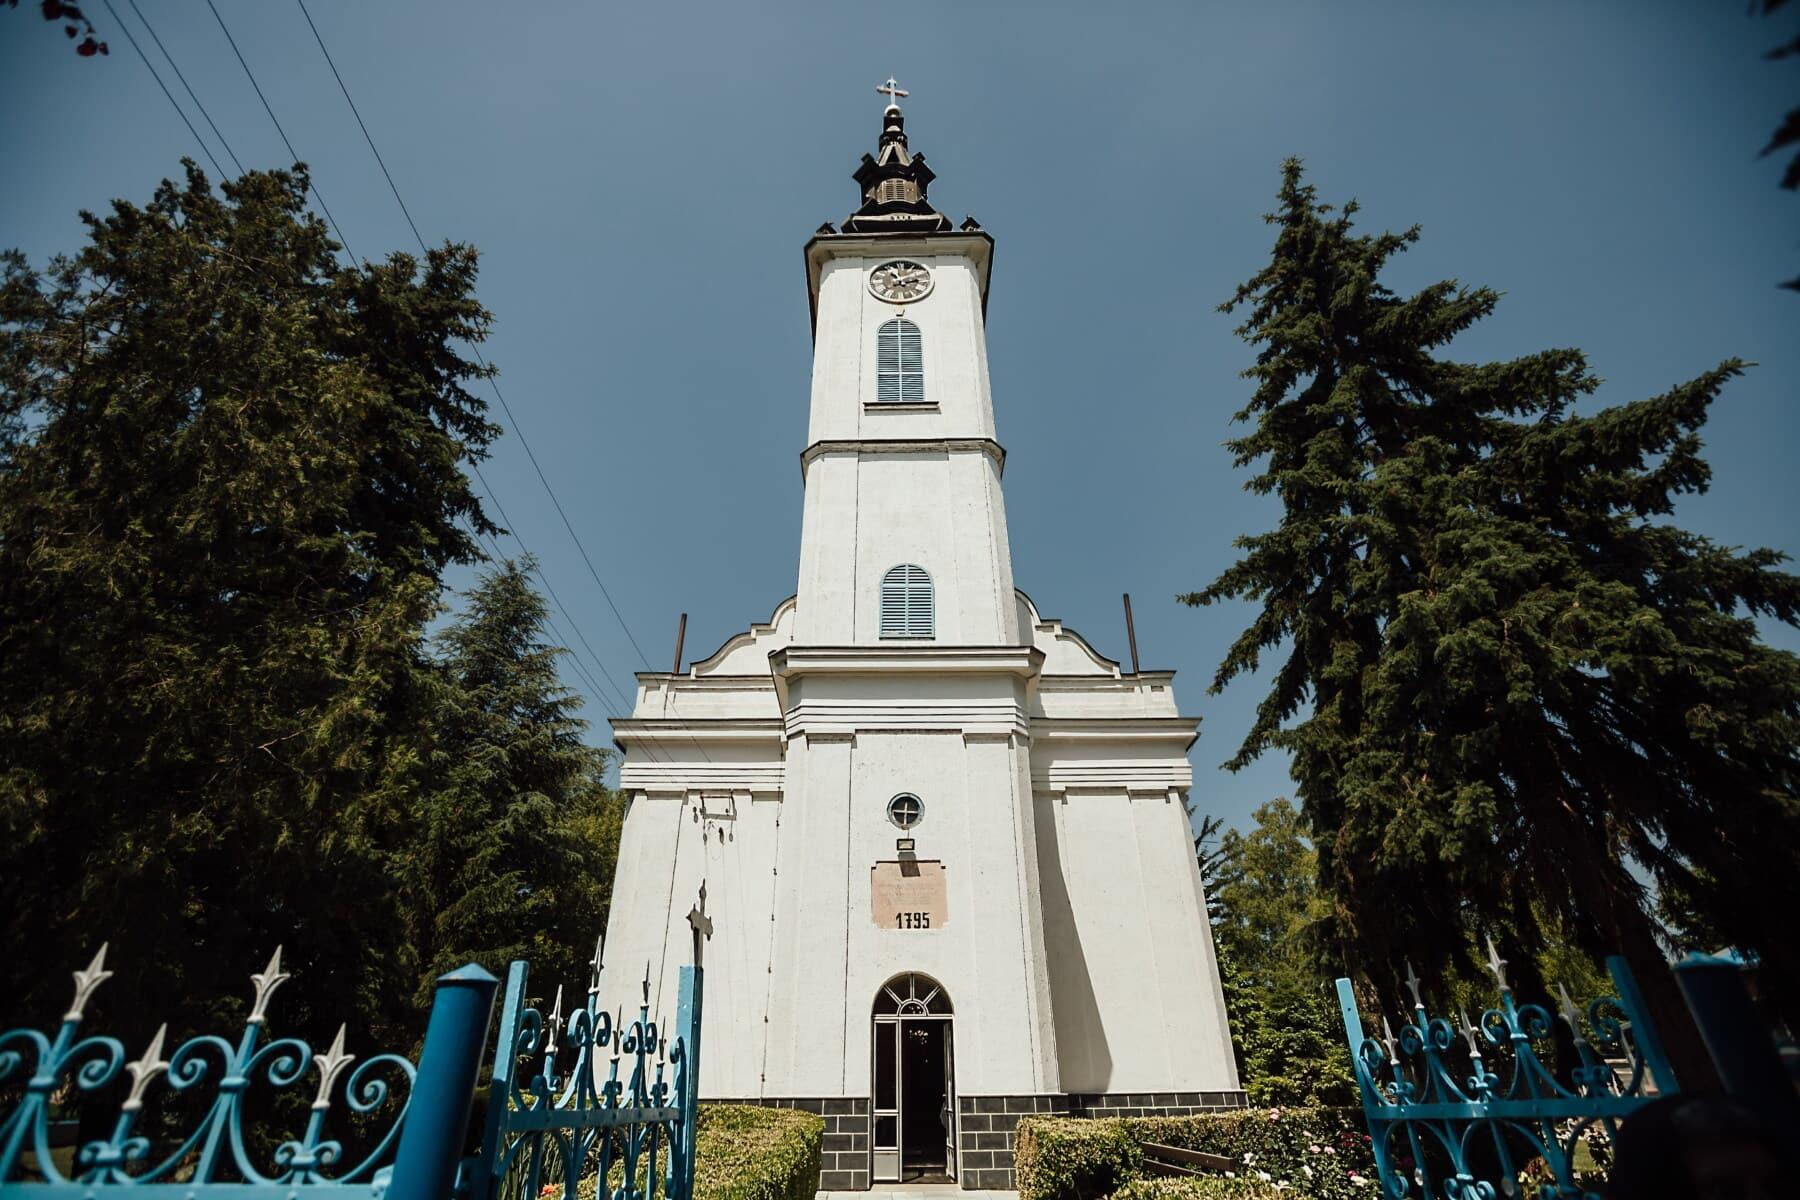 médiévale, steeple, entrée, passerelle, arrière-cour, église, couvrant, tour, bâtiment, religion